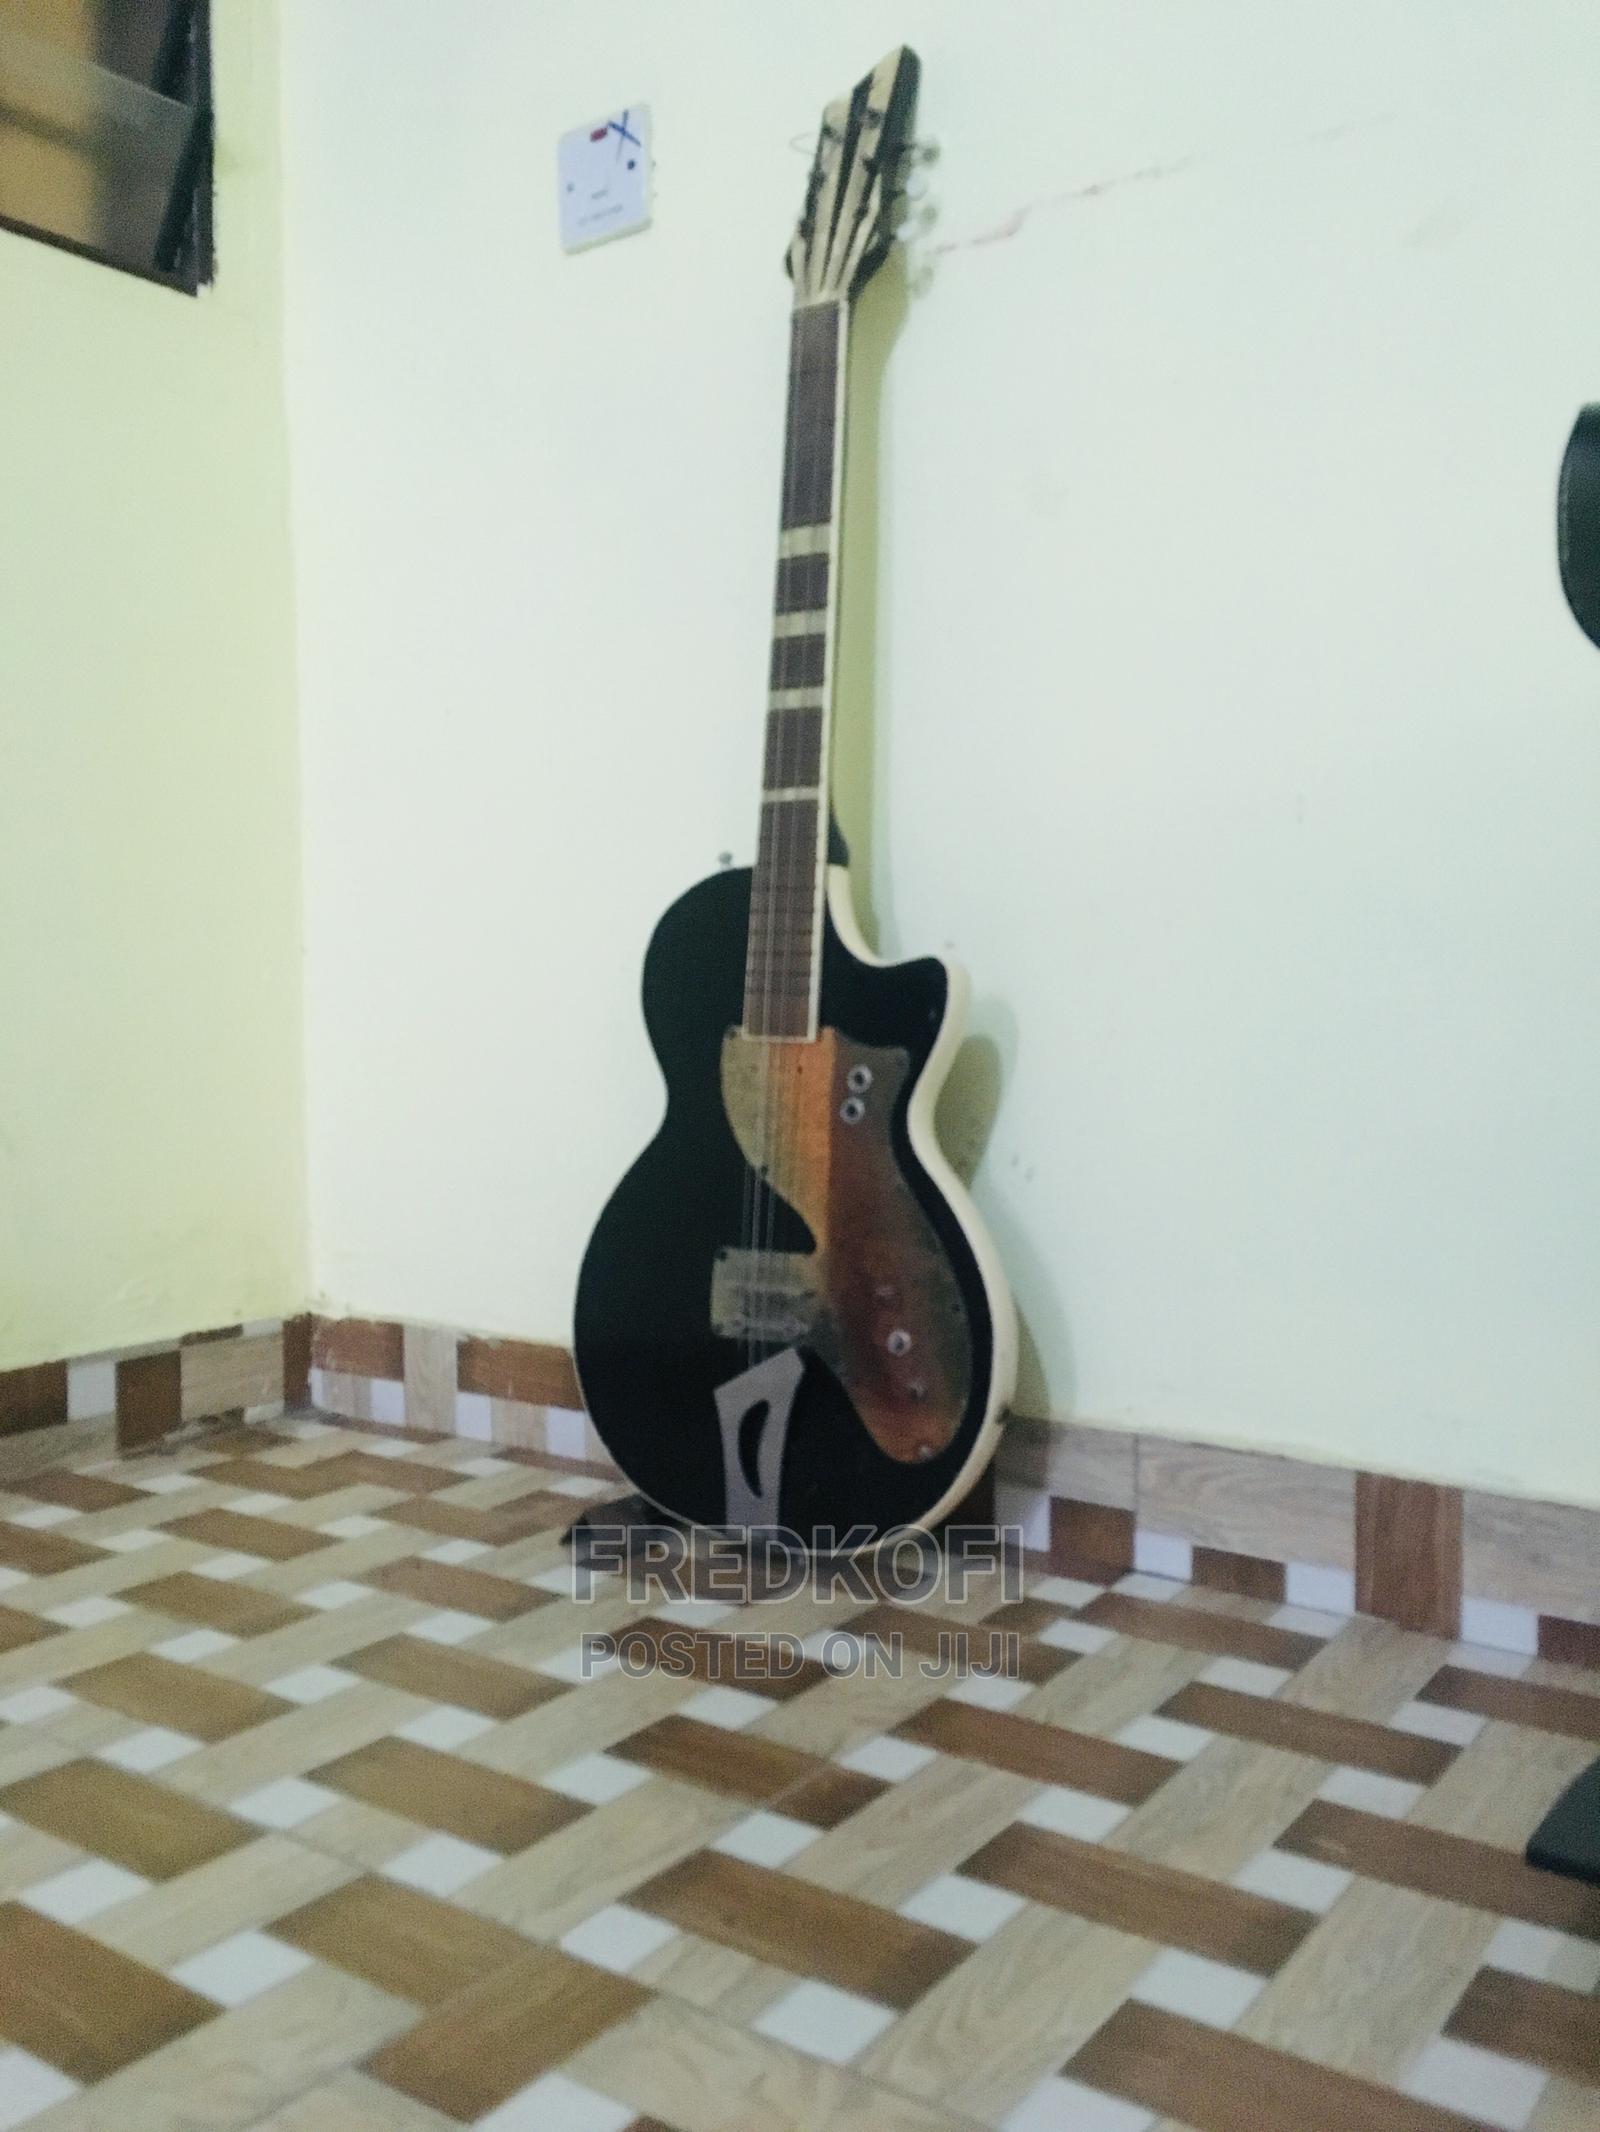 Old Fender Stratocaster Guitar